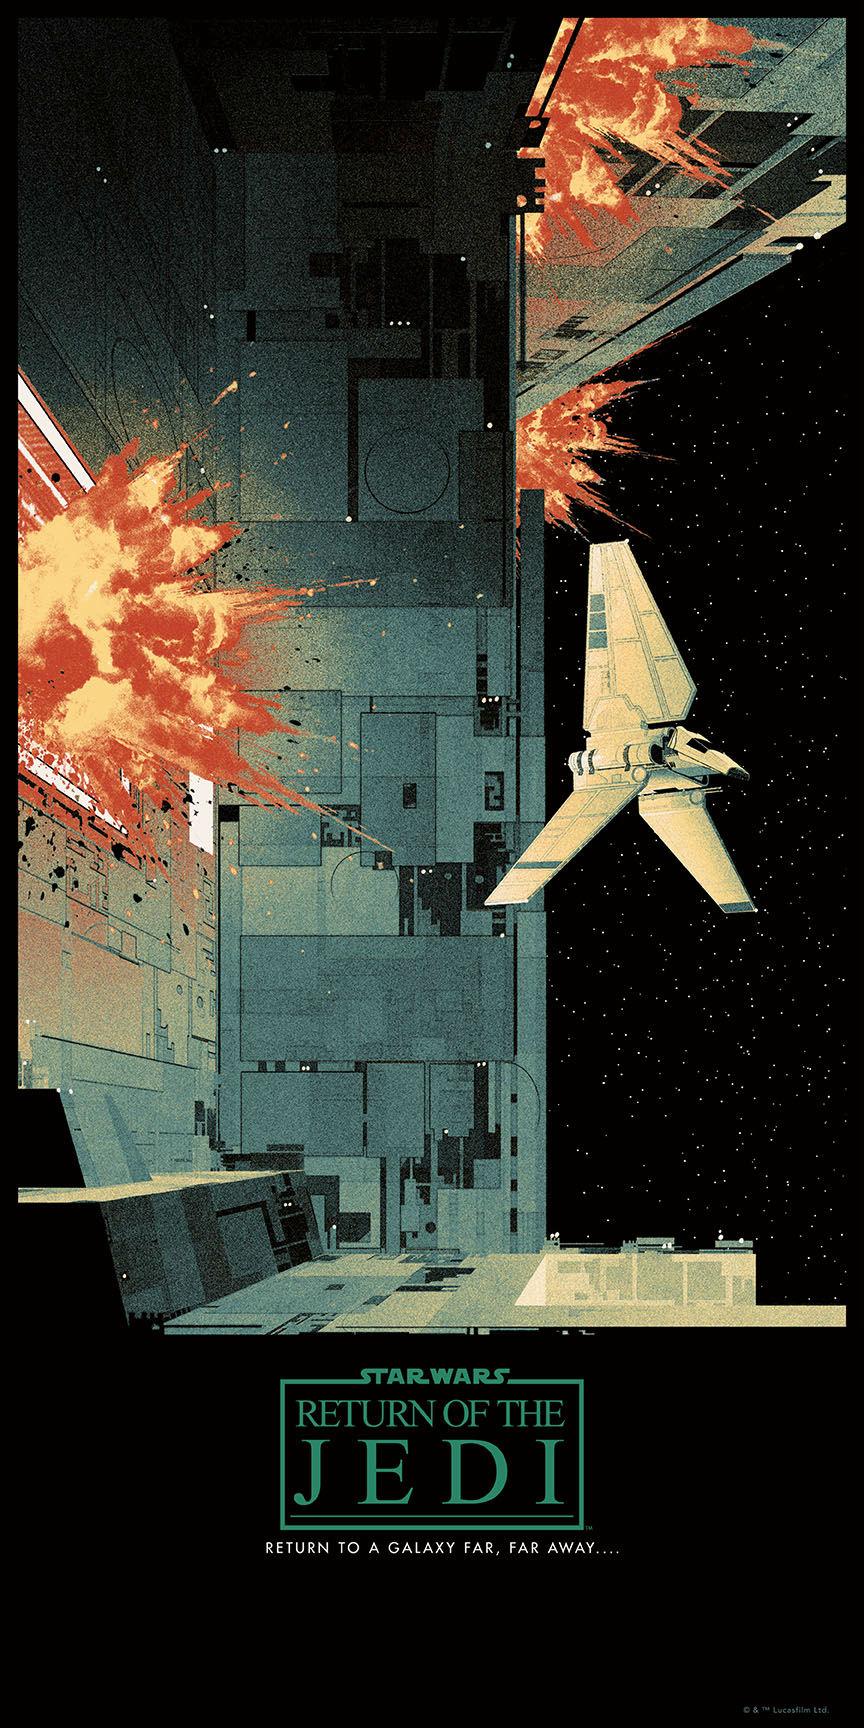 sensational-original-star-wars-trilogy-art-by-matt-ferguson6